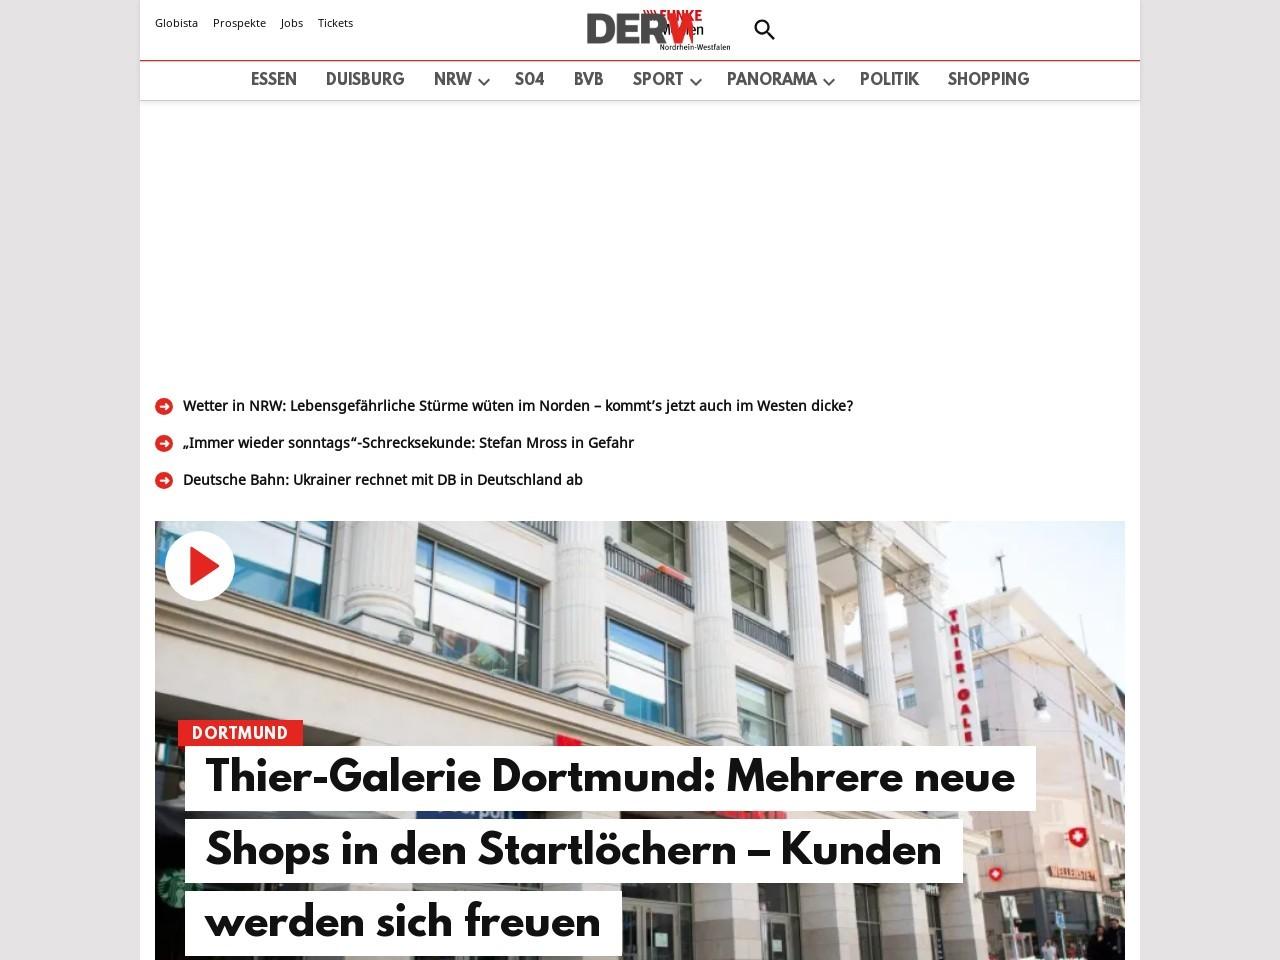 http://www.derwesten.de/staedte/herdecke/Kirche-bekommt-vier-neue-Saeulen-id2836644.html